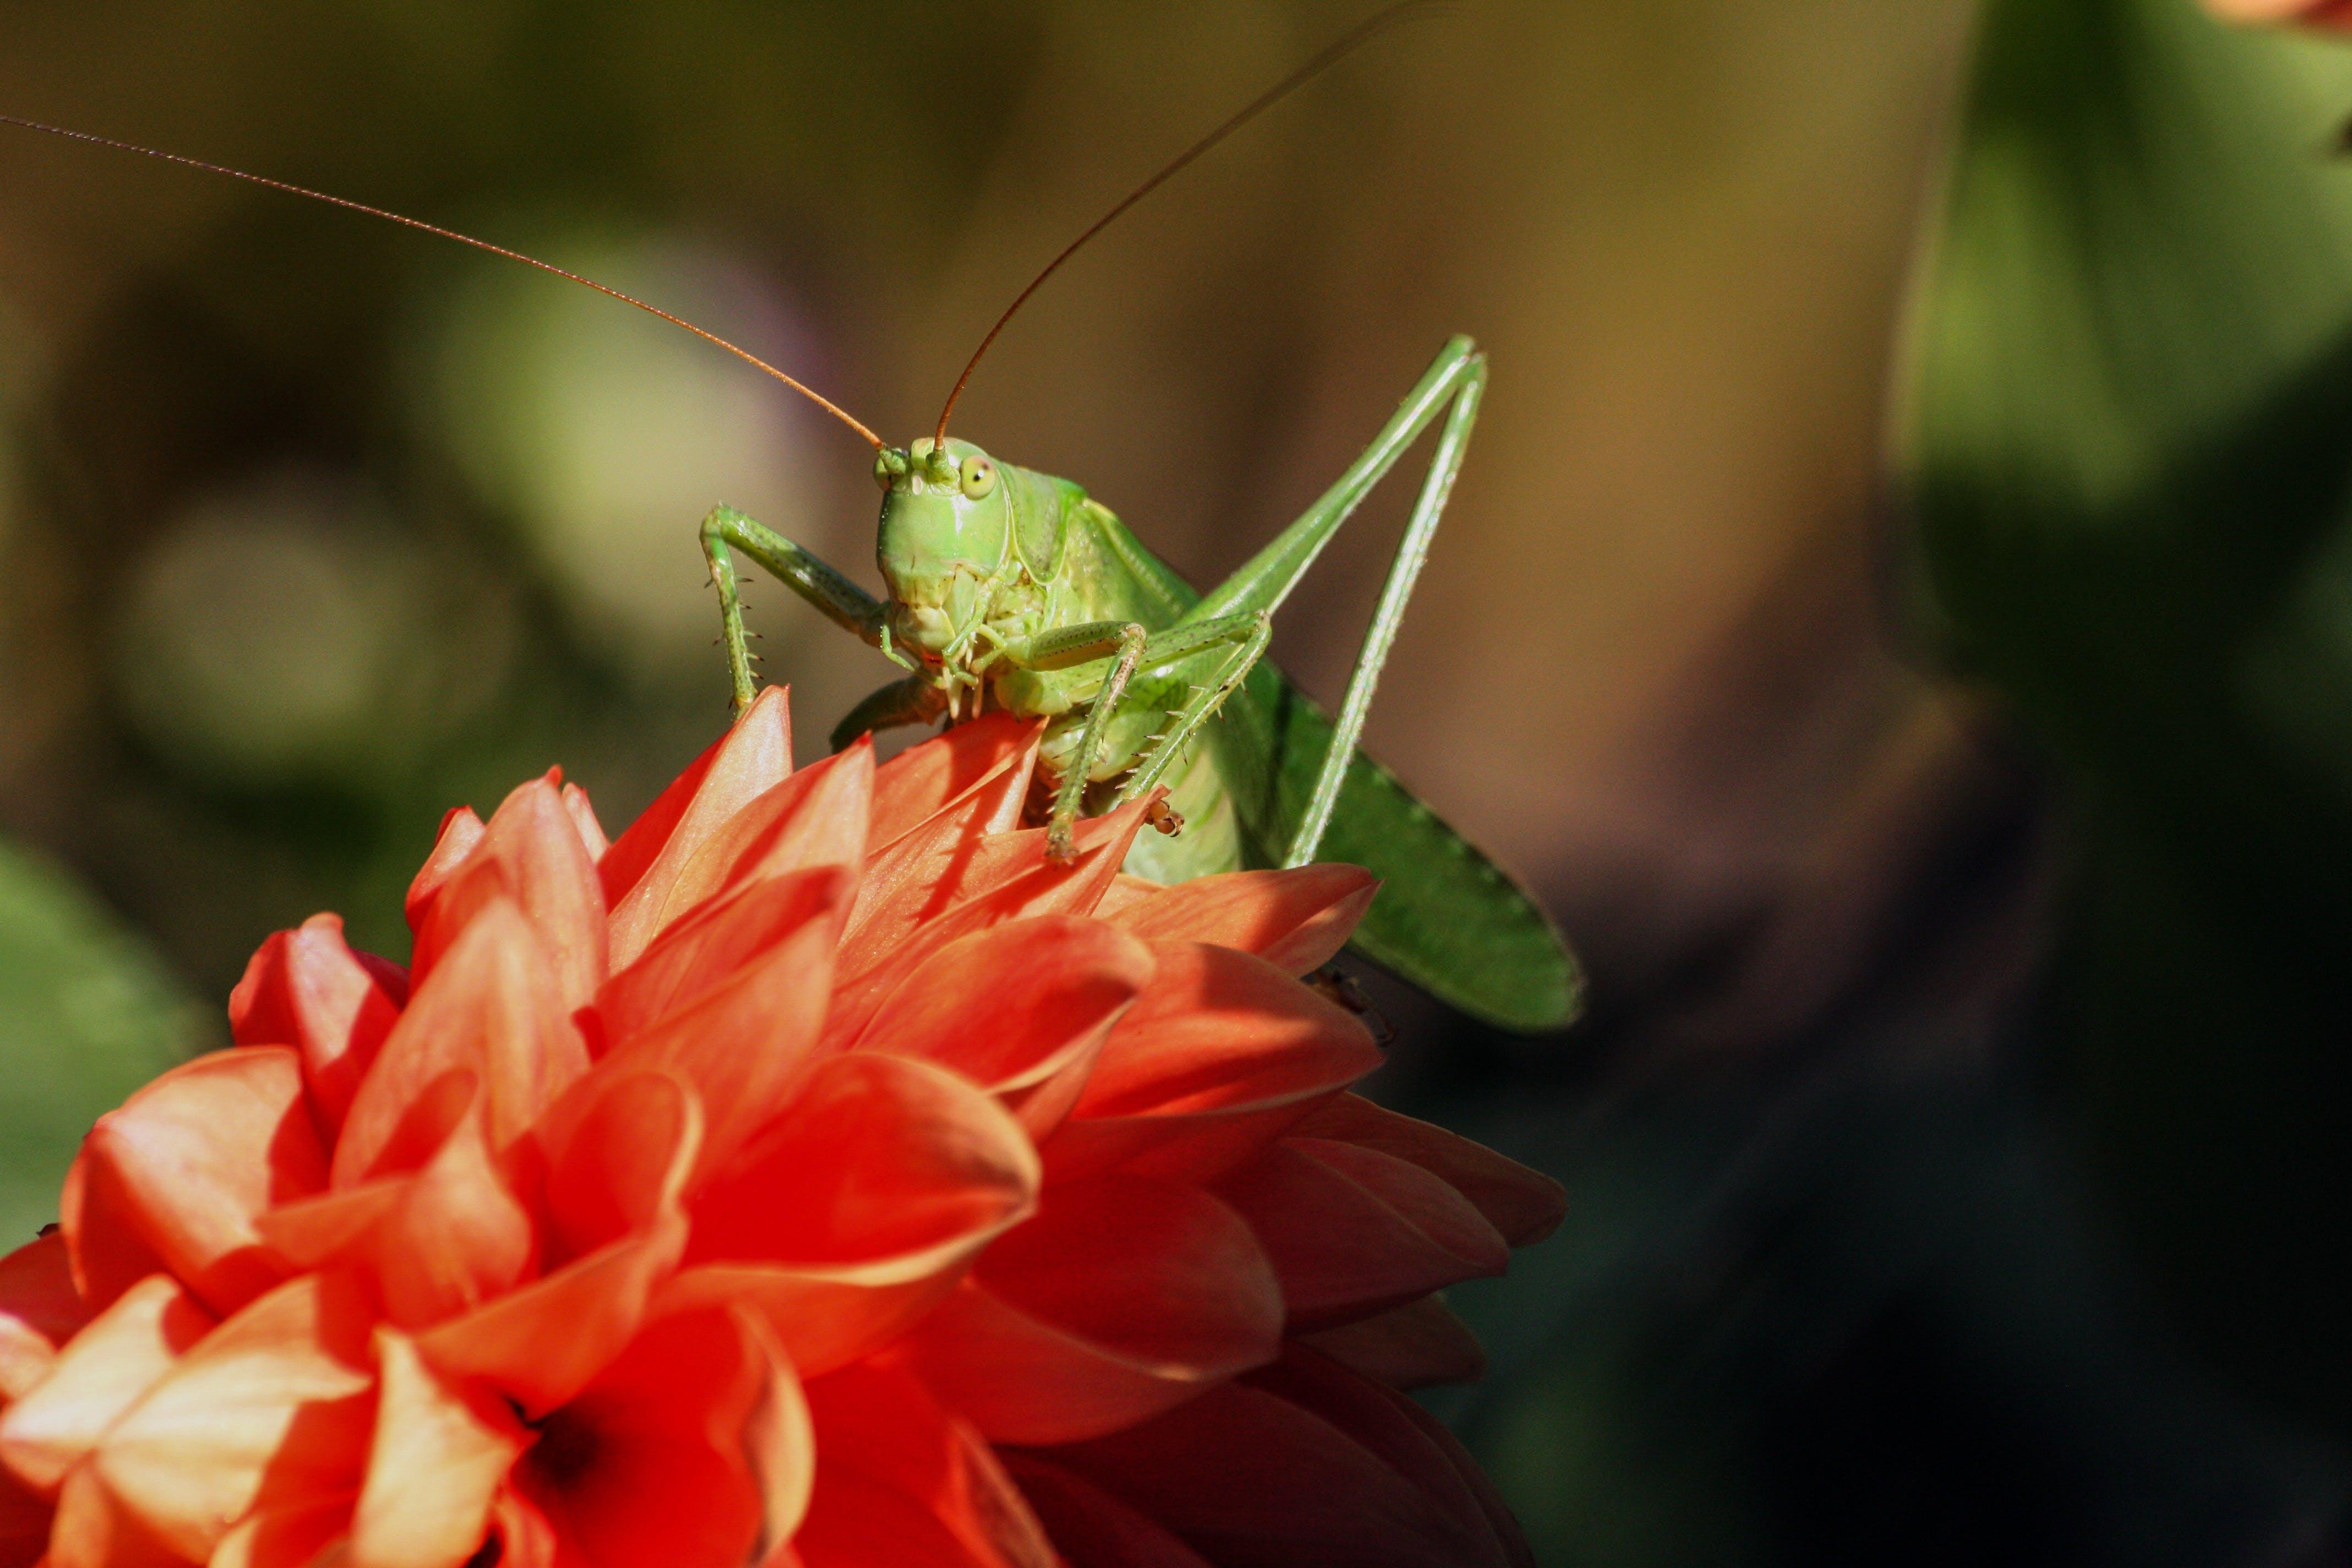 Green Grasshopper on Red Flower during Daytime